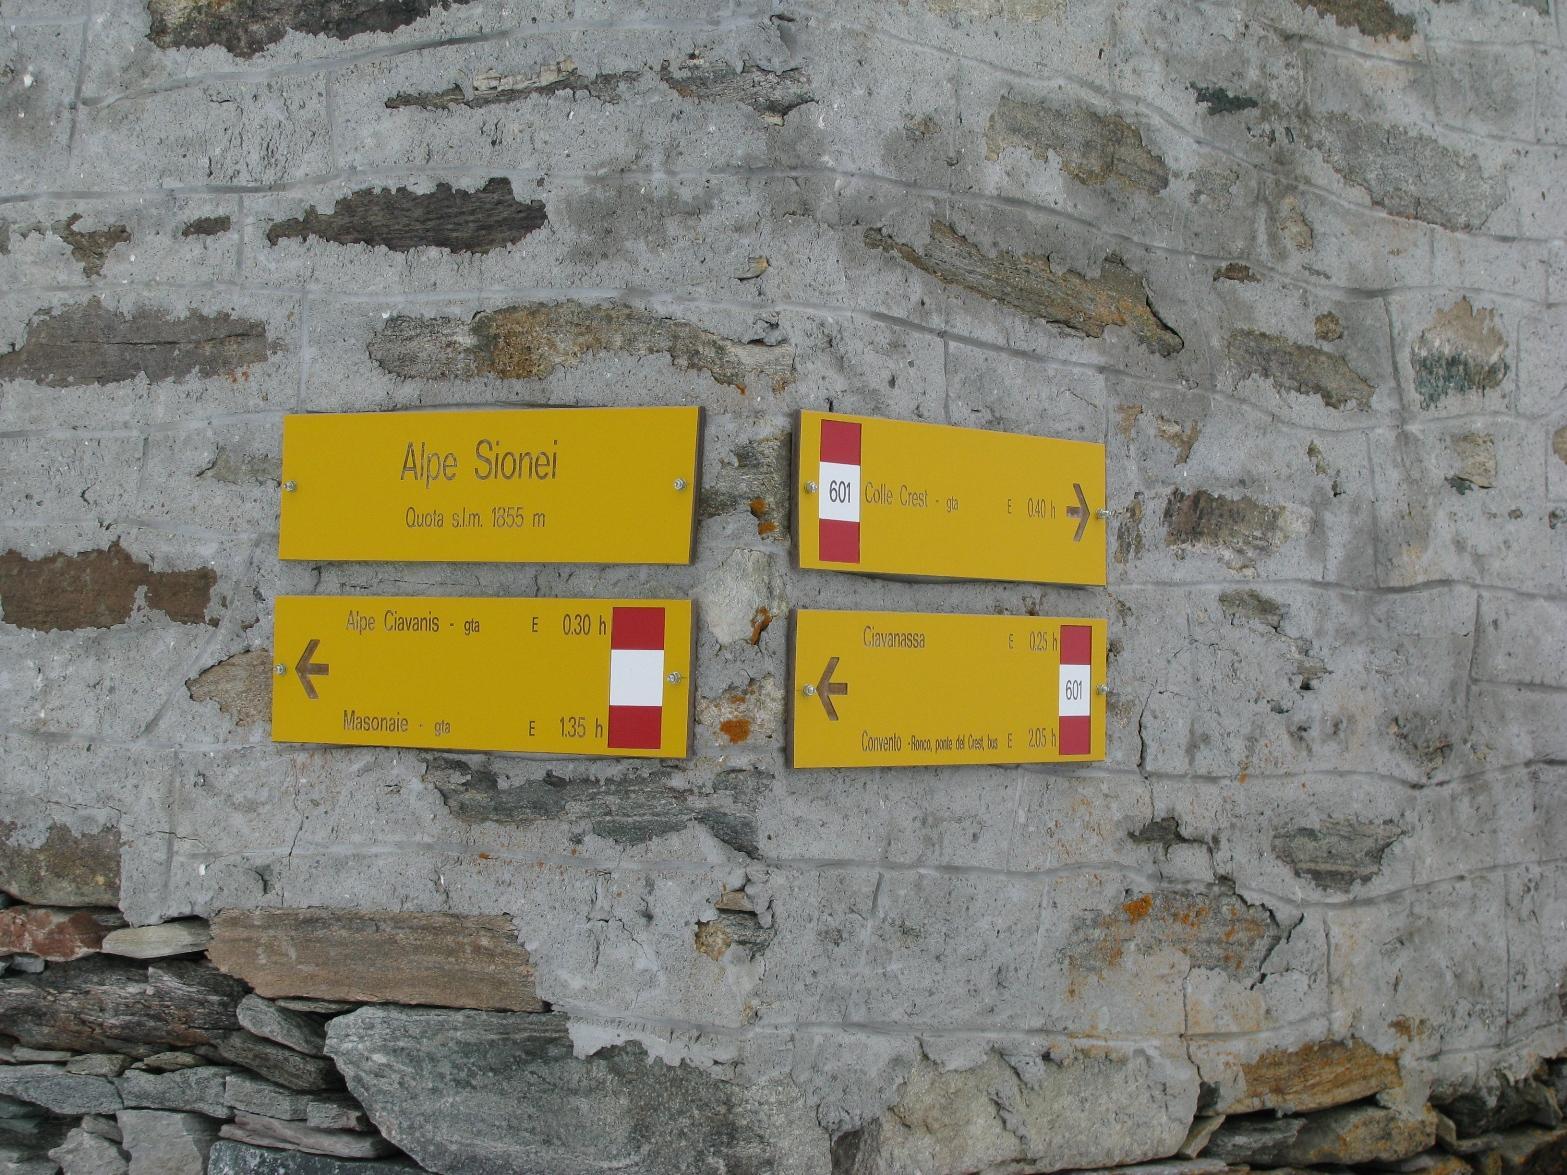 Nuove tabelle segnaletiche all'Alpe Sionei